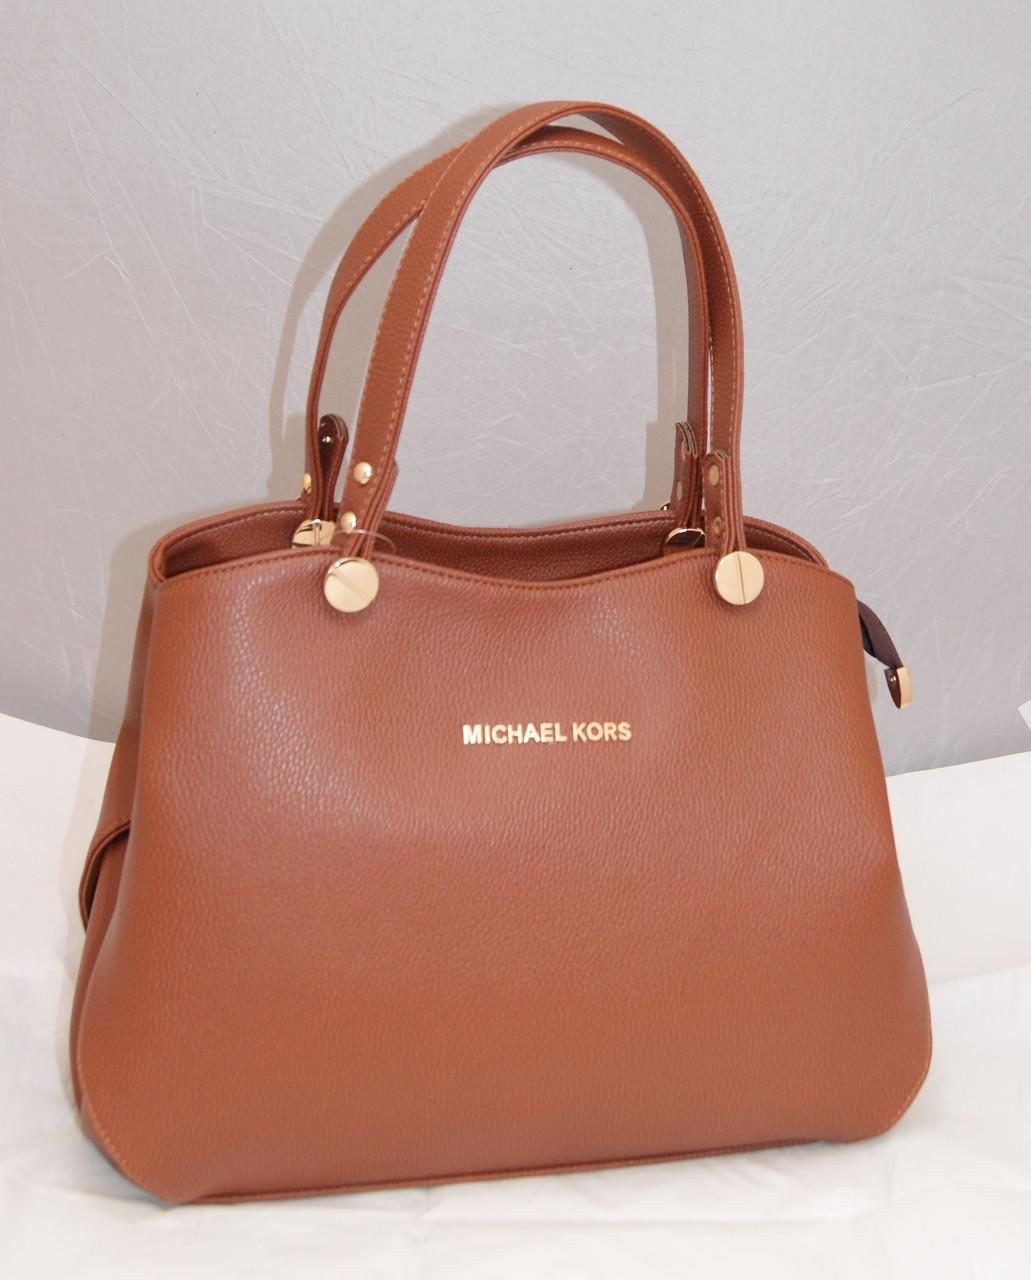 ba9801b52df0 Женская сумка Michael Kors, цвет светло-коричневый Майкл Корс MK -  Интернет-магазин